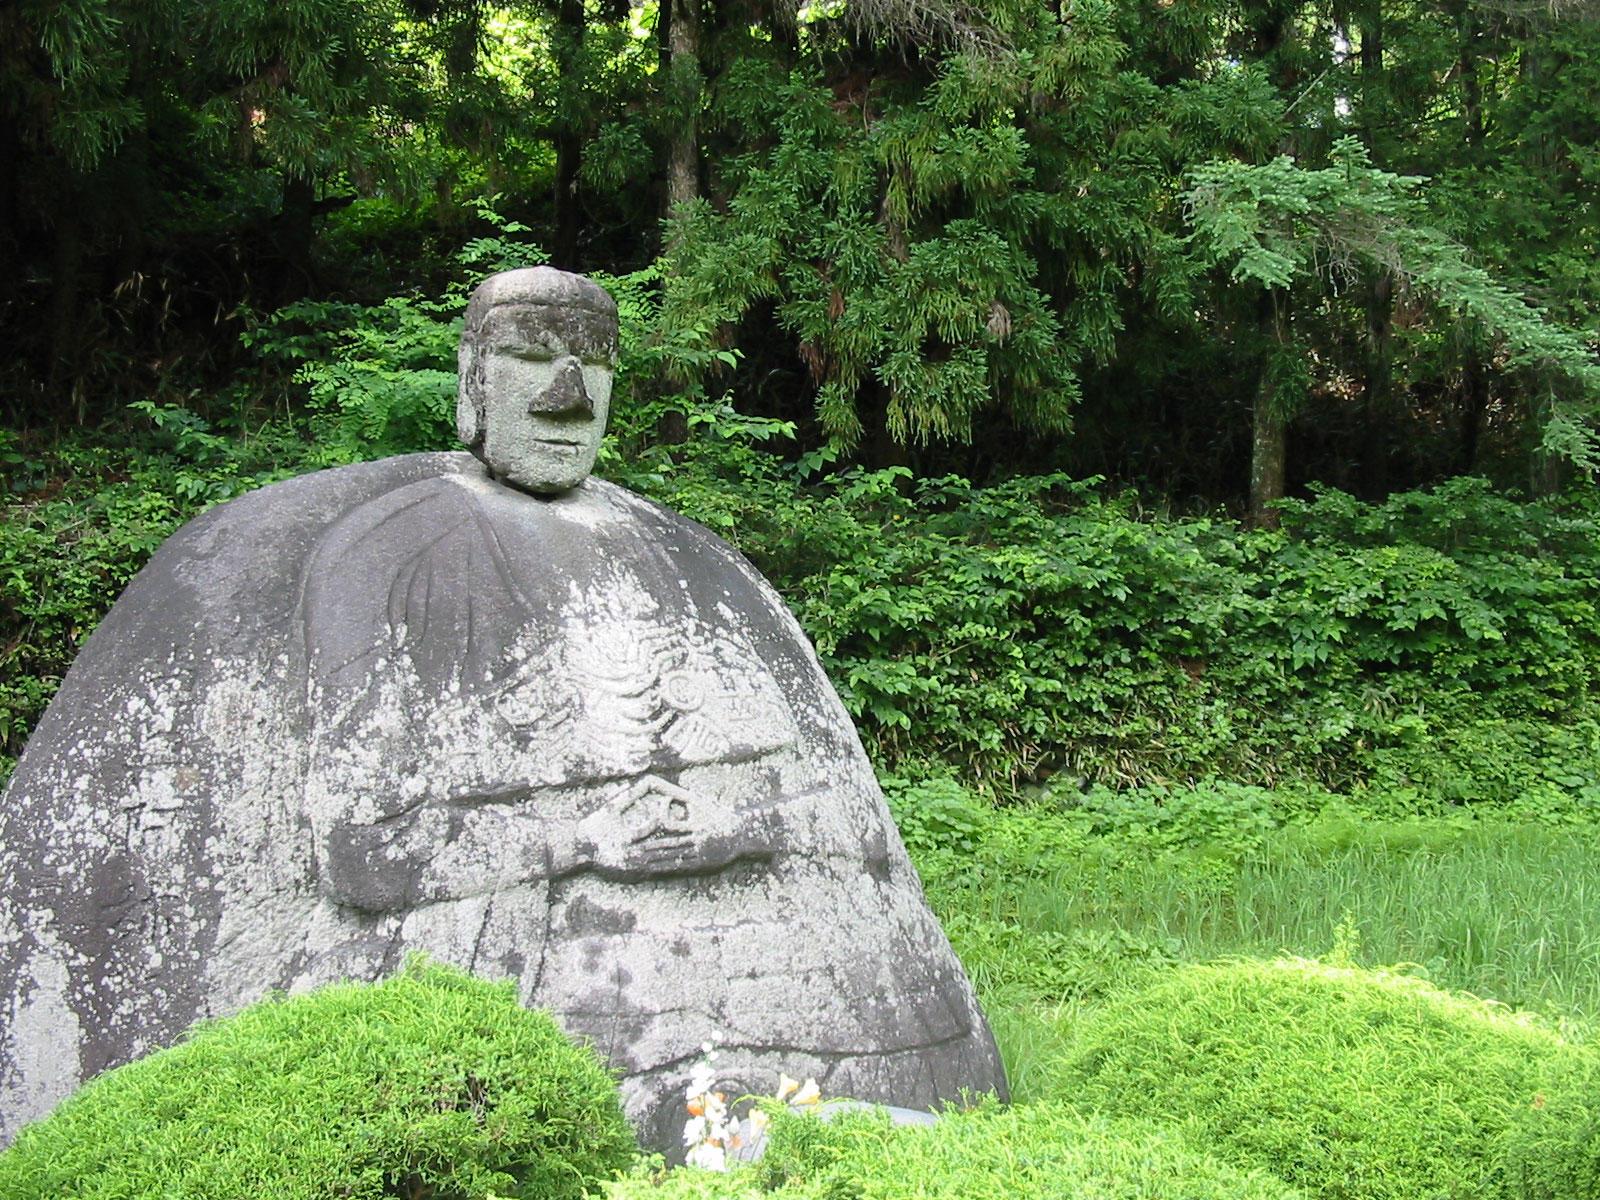 万治の石仏(まんじのせきぶつ) Manji No Sekibutsu(Stone Buddha)